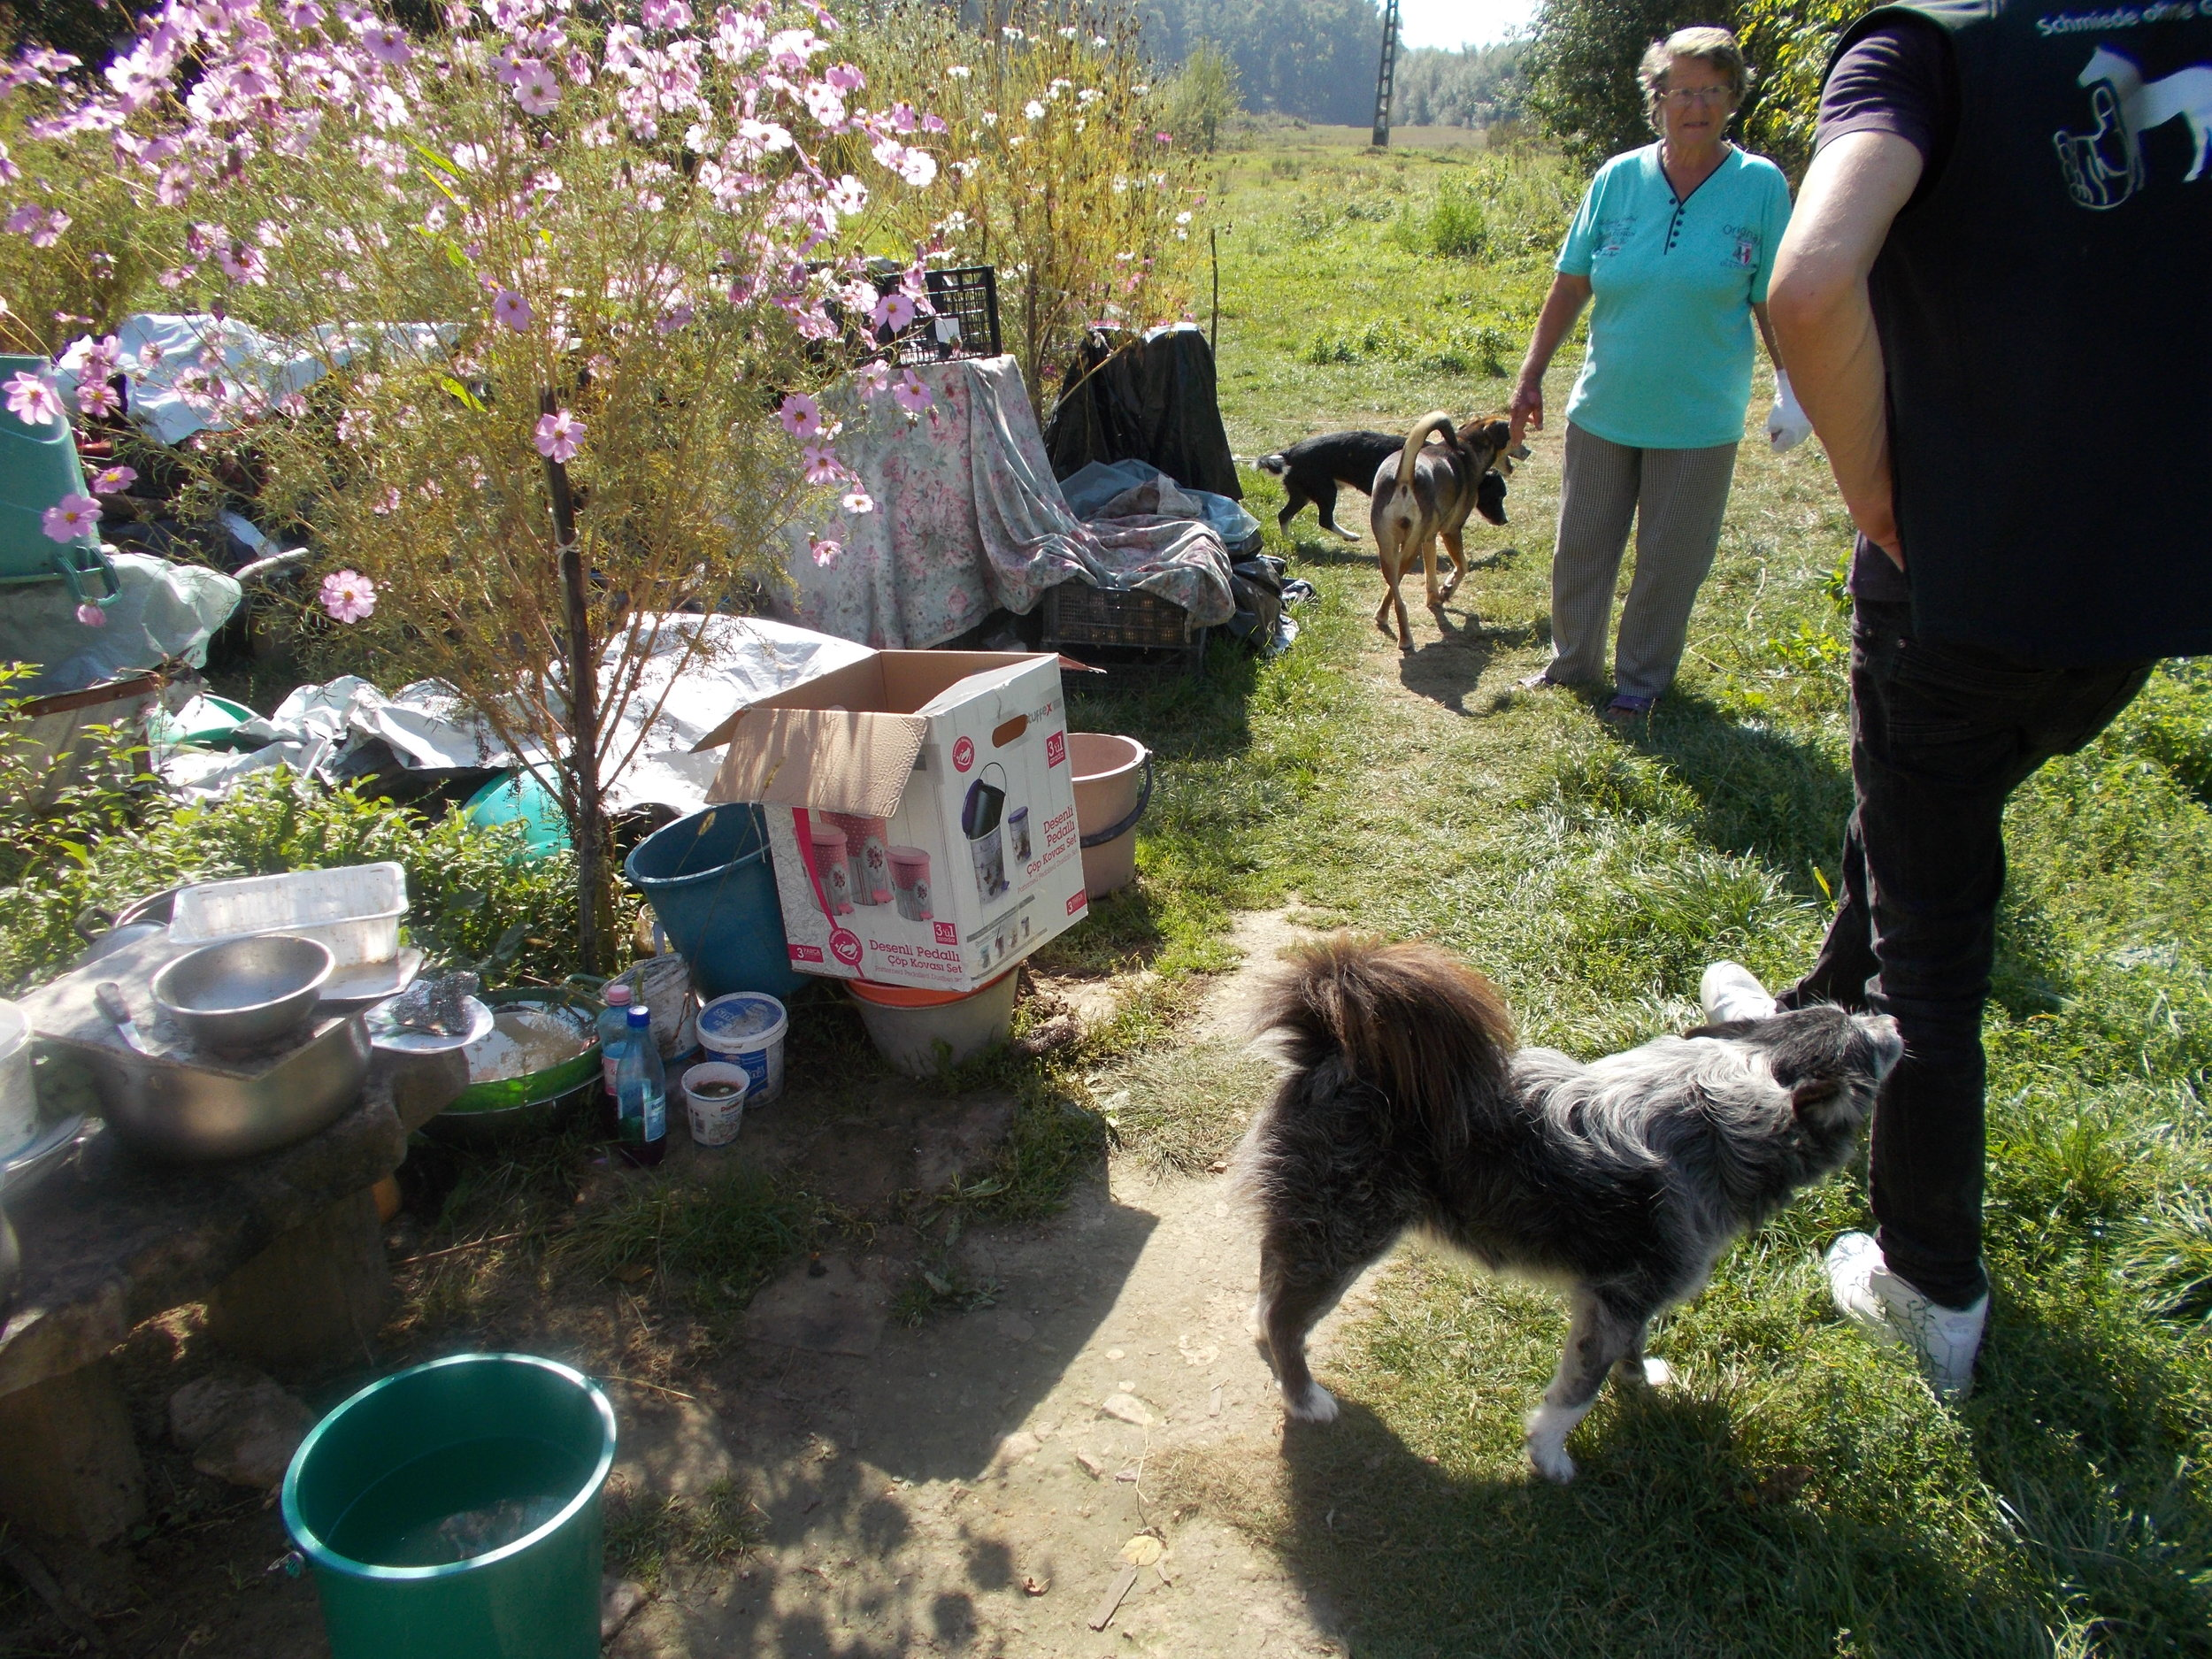 """Unser """"Hundetaxi"""" im täglichen Einsatz. Diese liebe Frau hat einigen Hündinnen und Rüden ein nettes Zuhause in ihrem Garten gegeben. Sicherlich können Sie sich gut vorstellen wie dankbar diese Dame ist das nun alle Hunde kastriert sind. Eine große Erleichterung für Mensch und Hund!"""